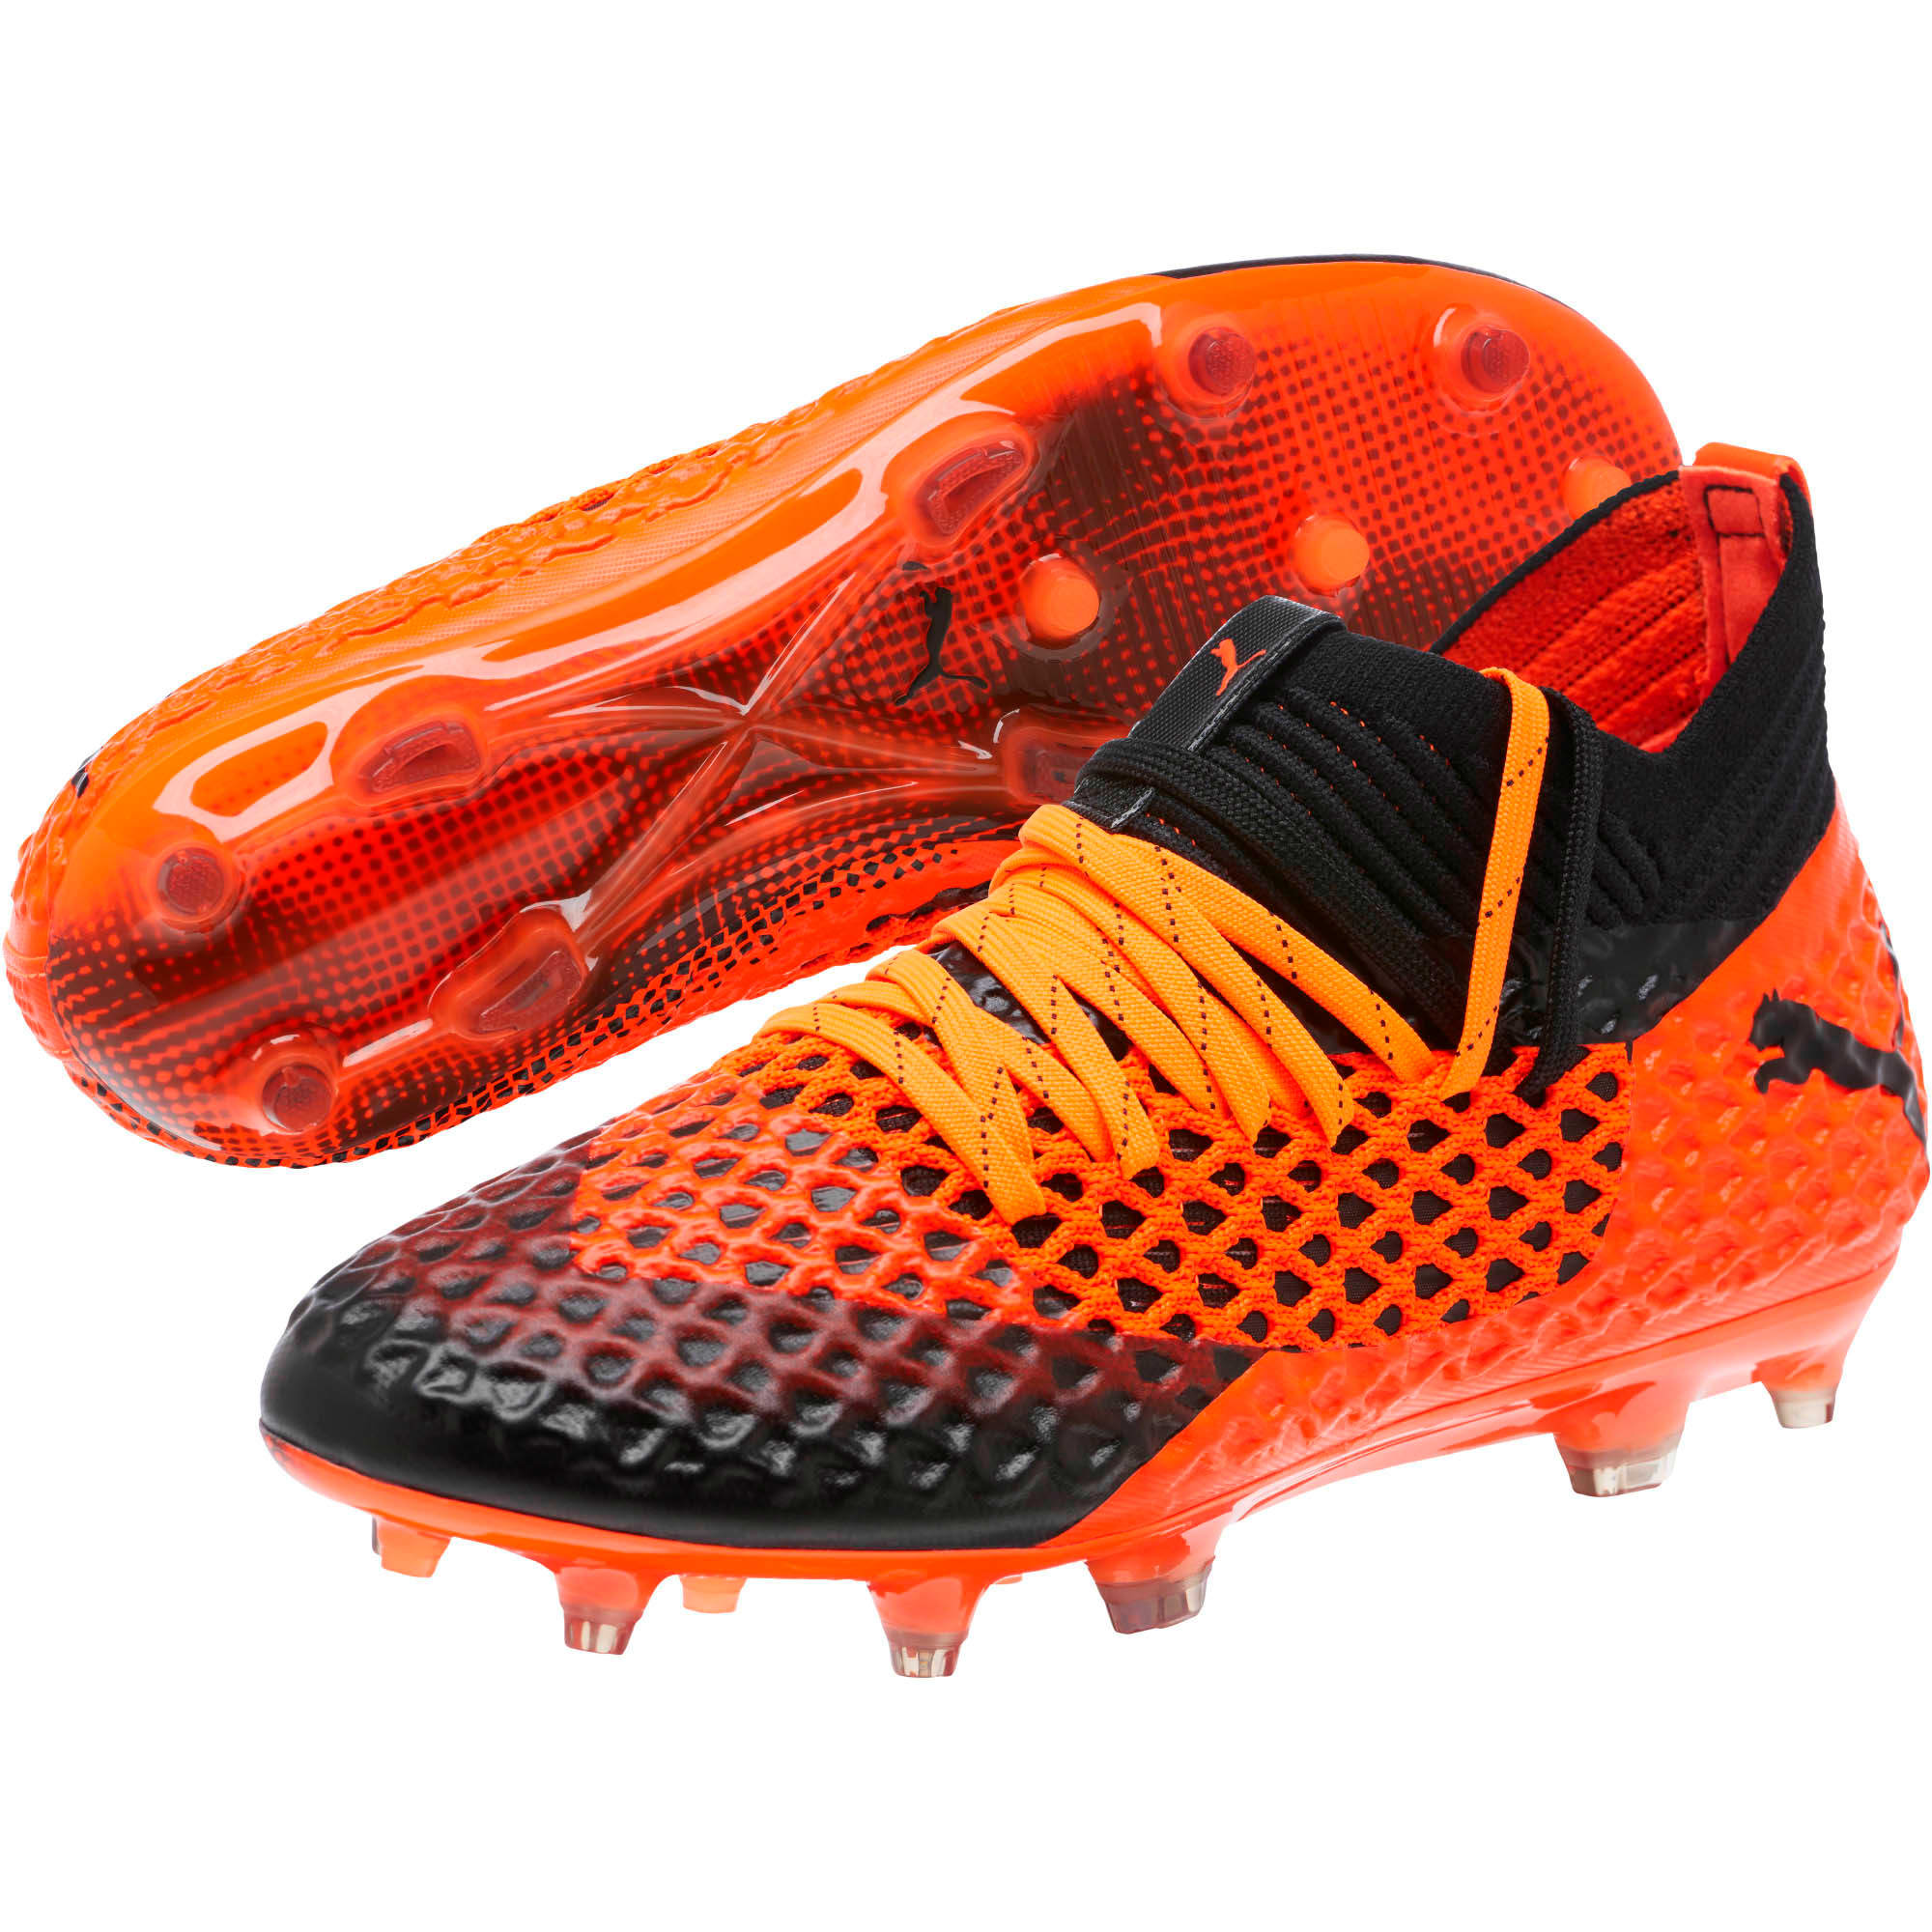 Thumbnail 2 of FUTURE 2.1 NETFIT FG/AG Soccer Cleats JR, Black-Orange, medium